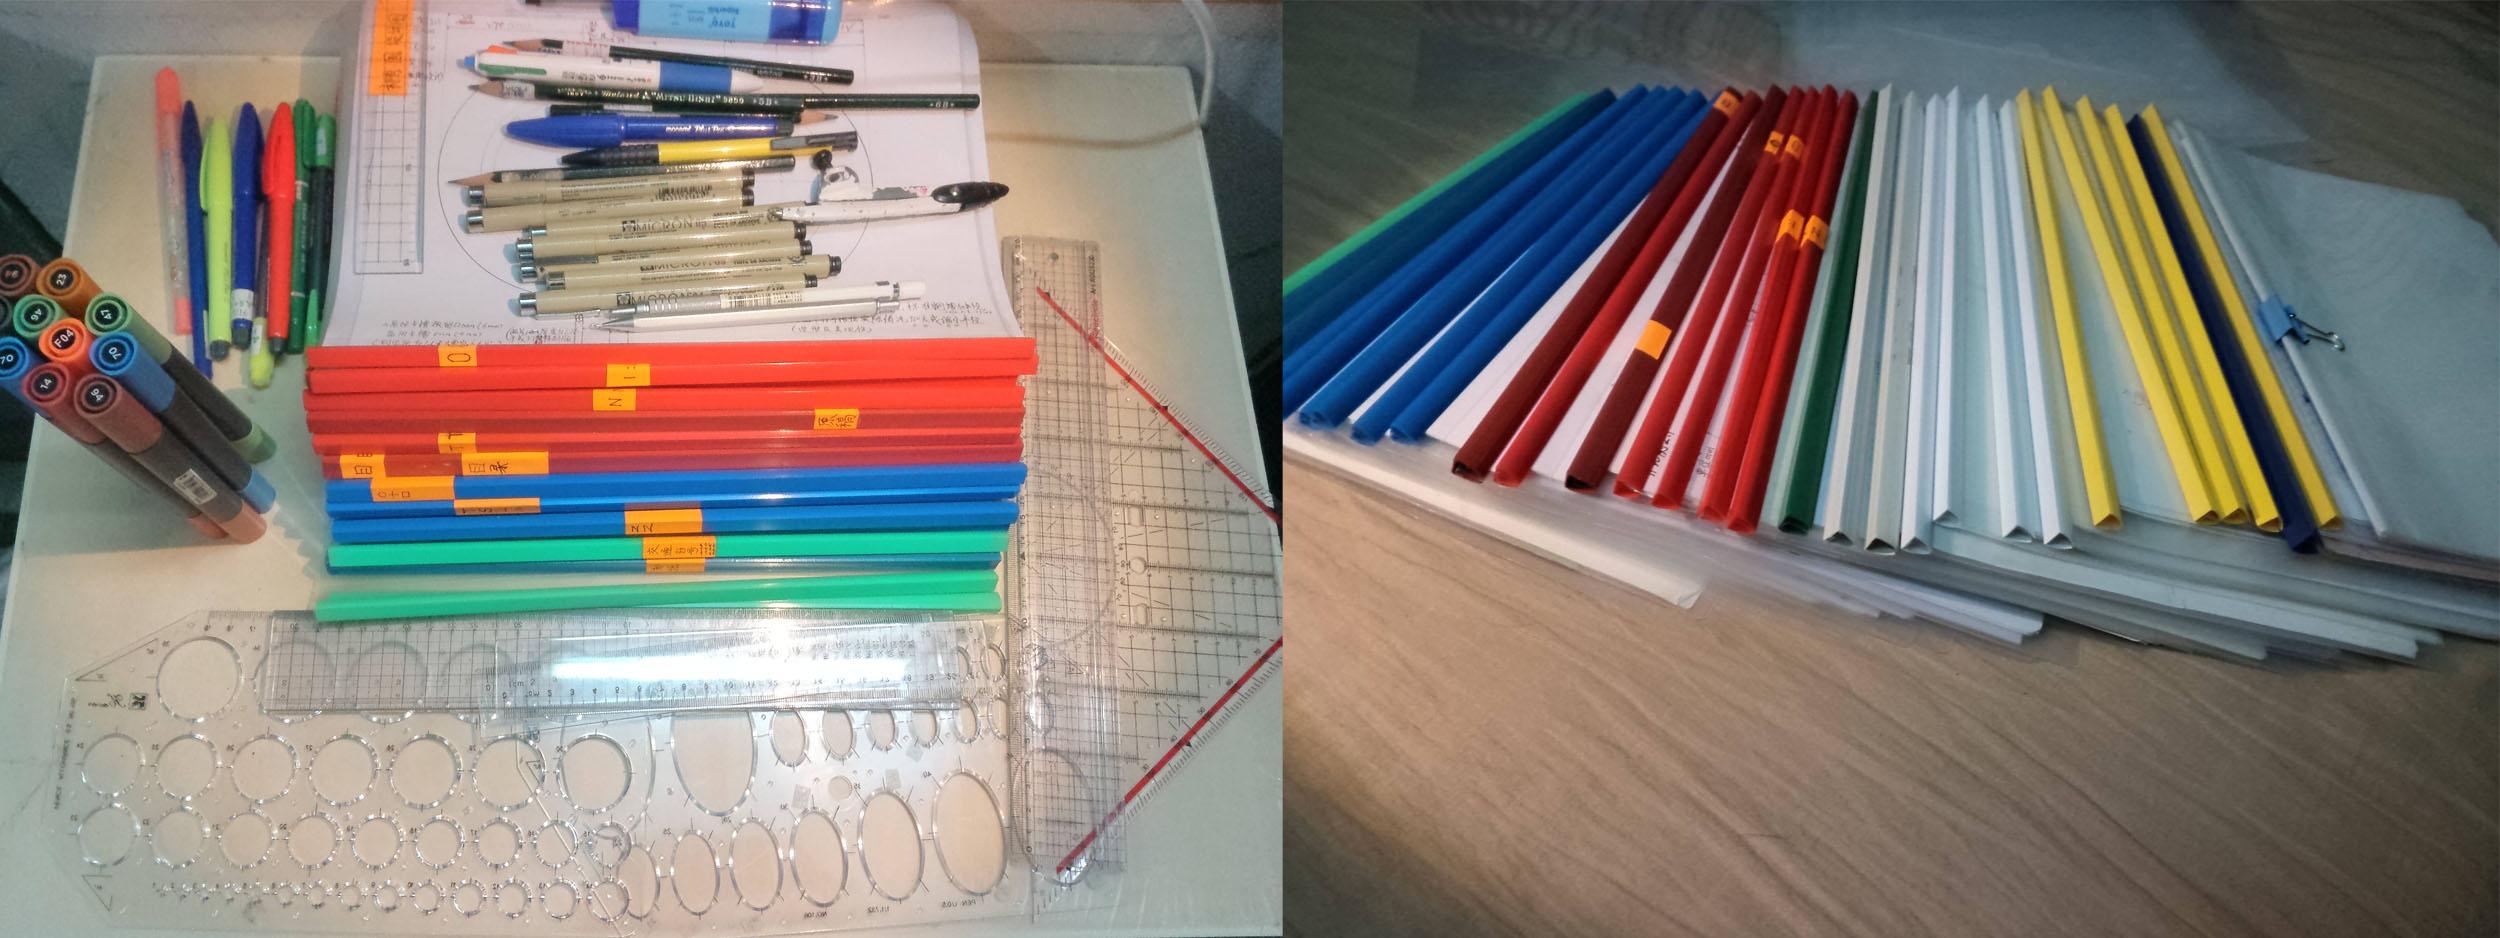 设计所用文件夹 图纸2-5   (4).jpg